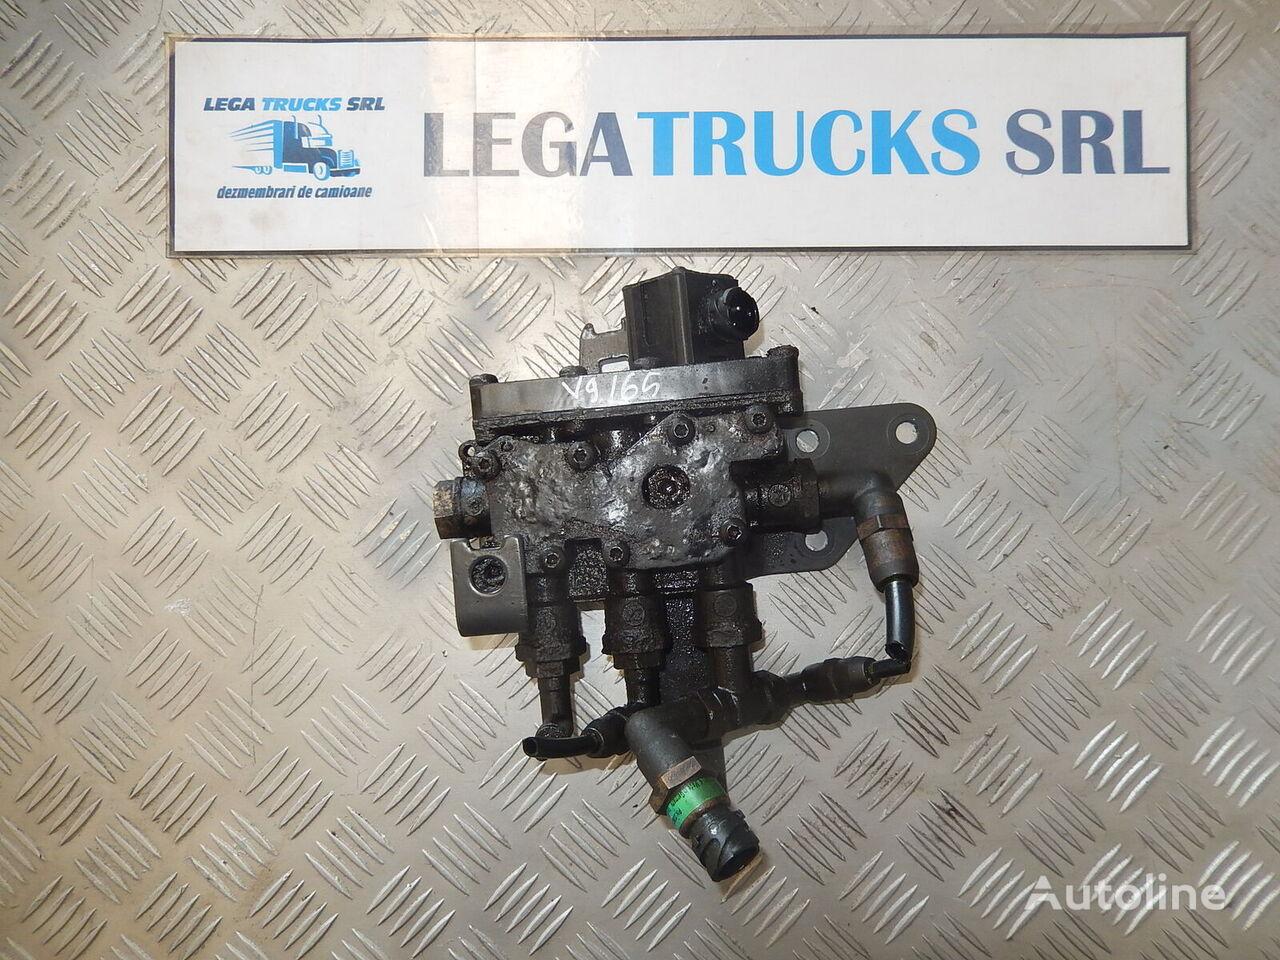 VOLVO Supapa ECAS FH13 / V9/65 / 4728800023 válvula neumática para VOLVO FH tractora